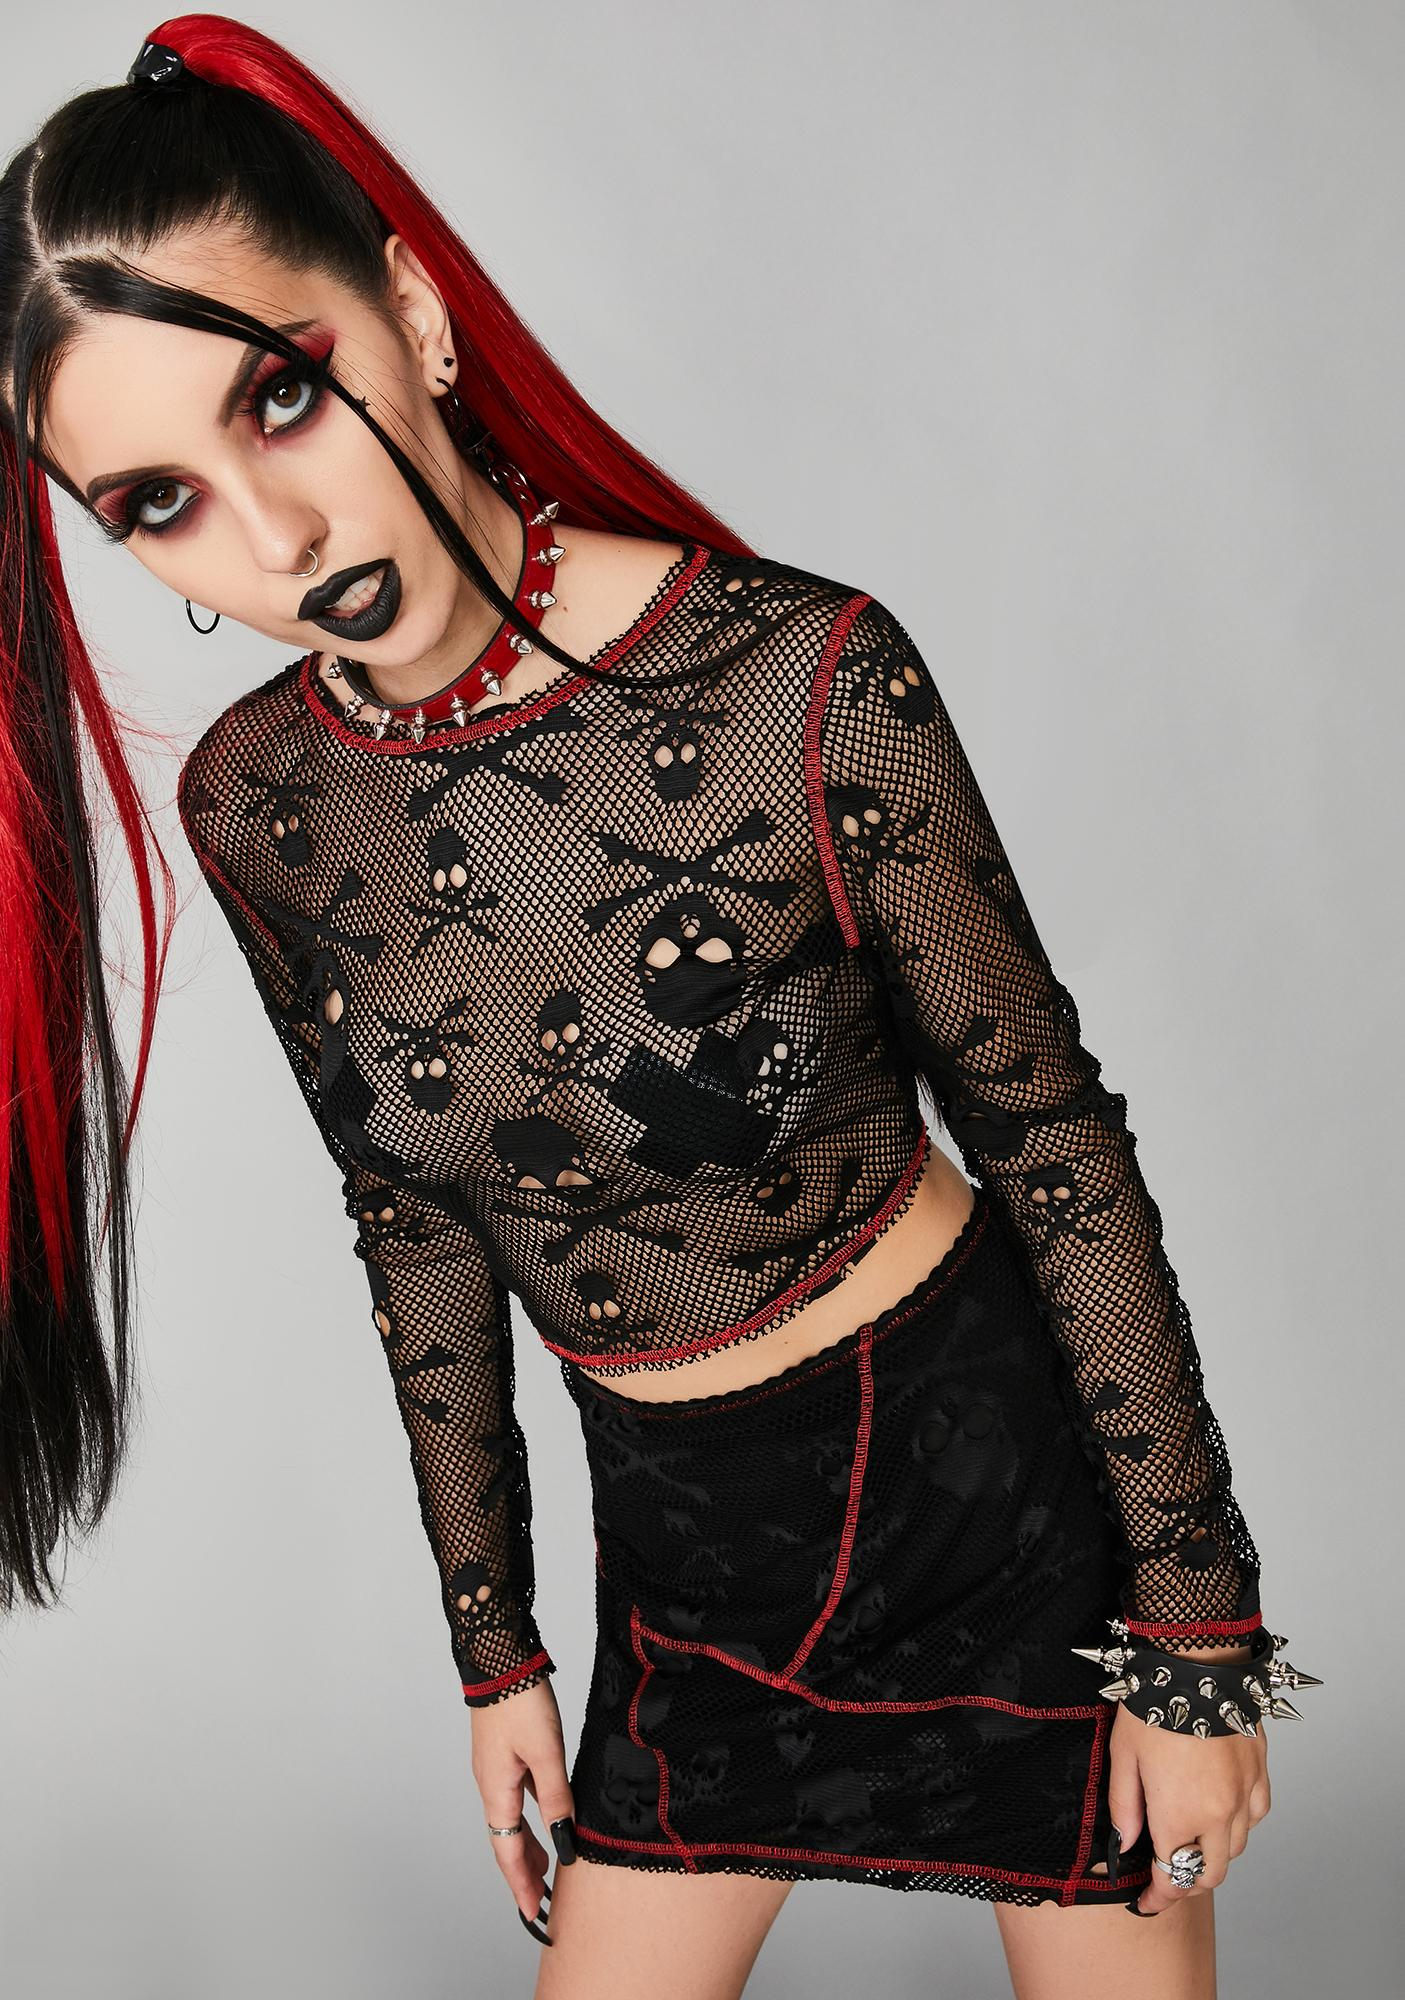 Widow Sweet Revenge Fishnet Top